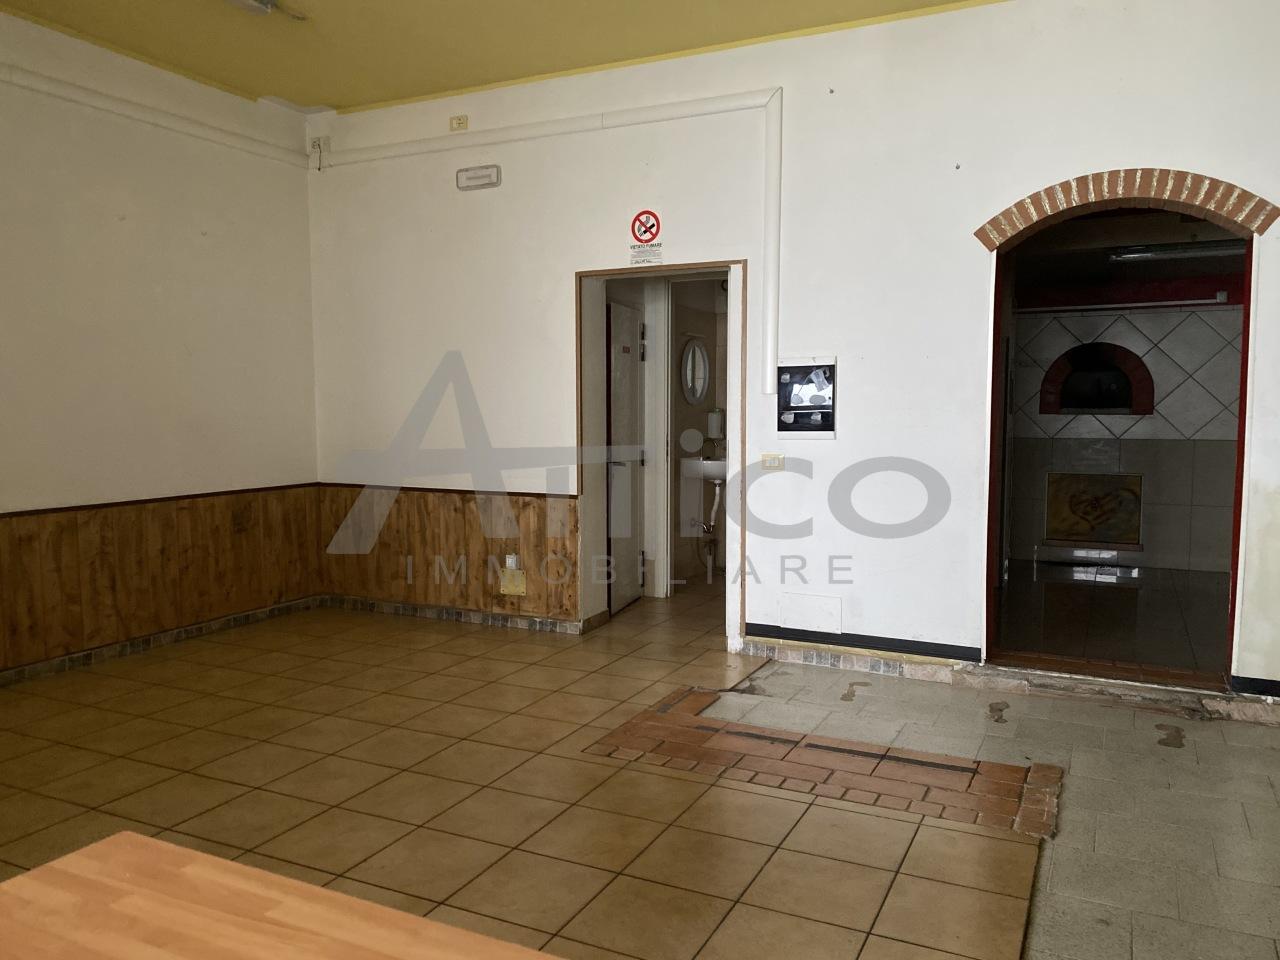 Negozio / Locale in vendita a Lusia, 4 locali, prezzo € 50.000 | CambioCasa.it